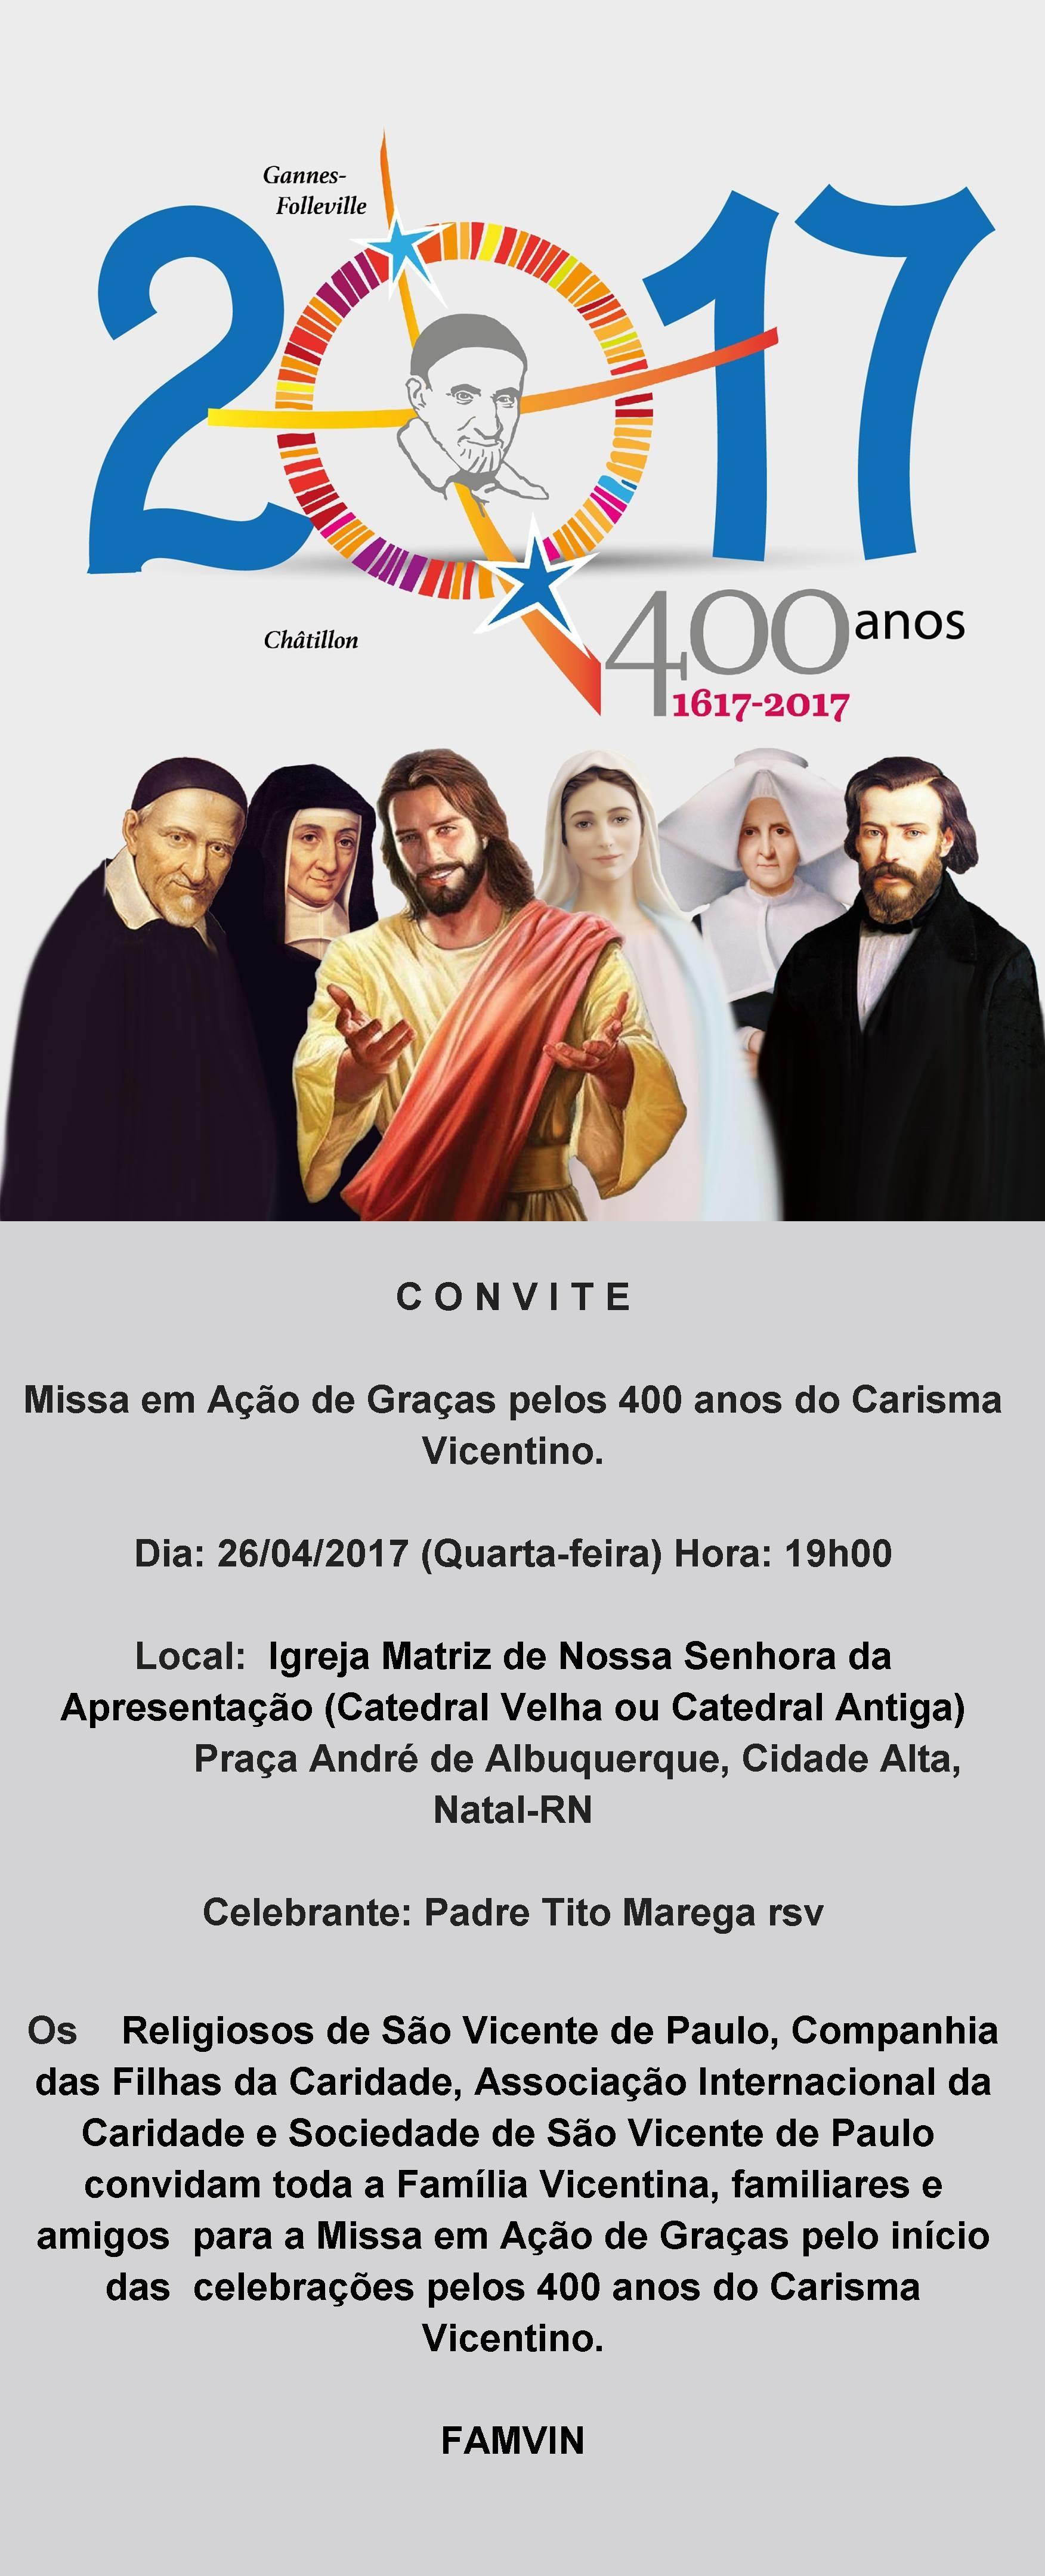 Convite Famvin - CCN